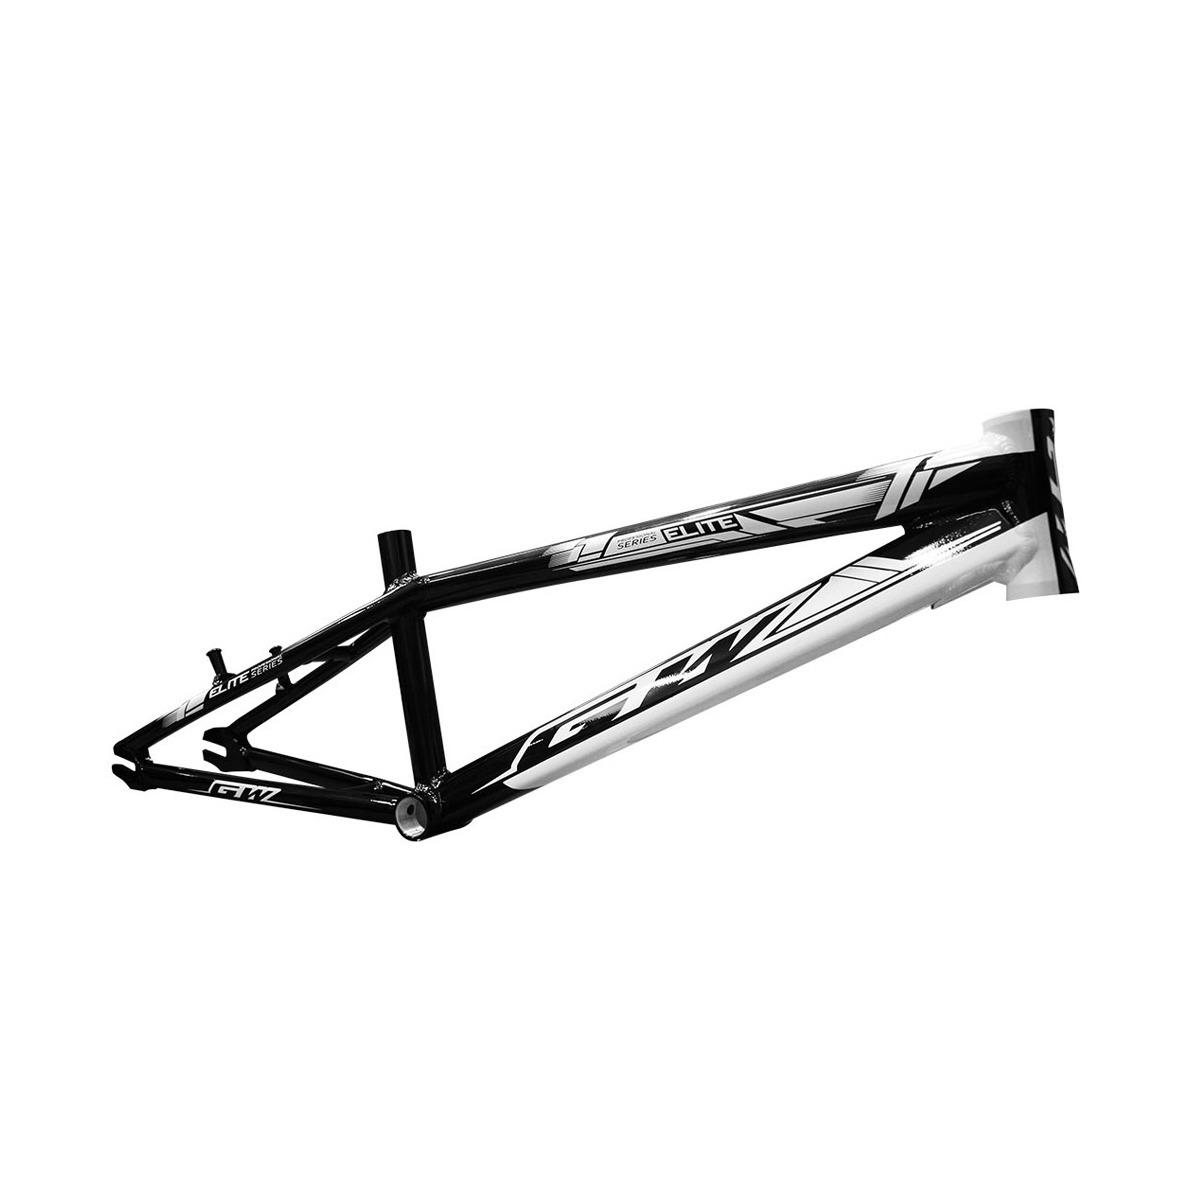 cadre gw elite v2 noir blanc pro xl. Black Bedroom Furniture Sets. Home Design Ideas